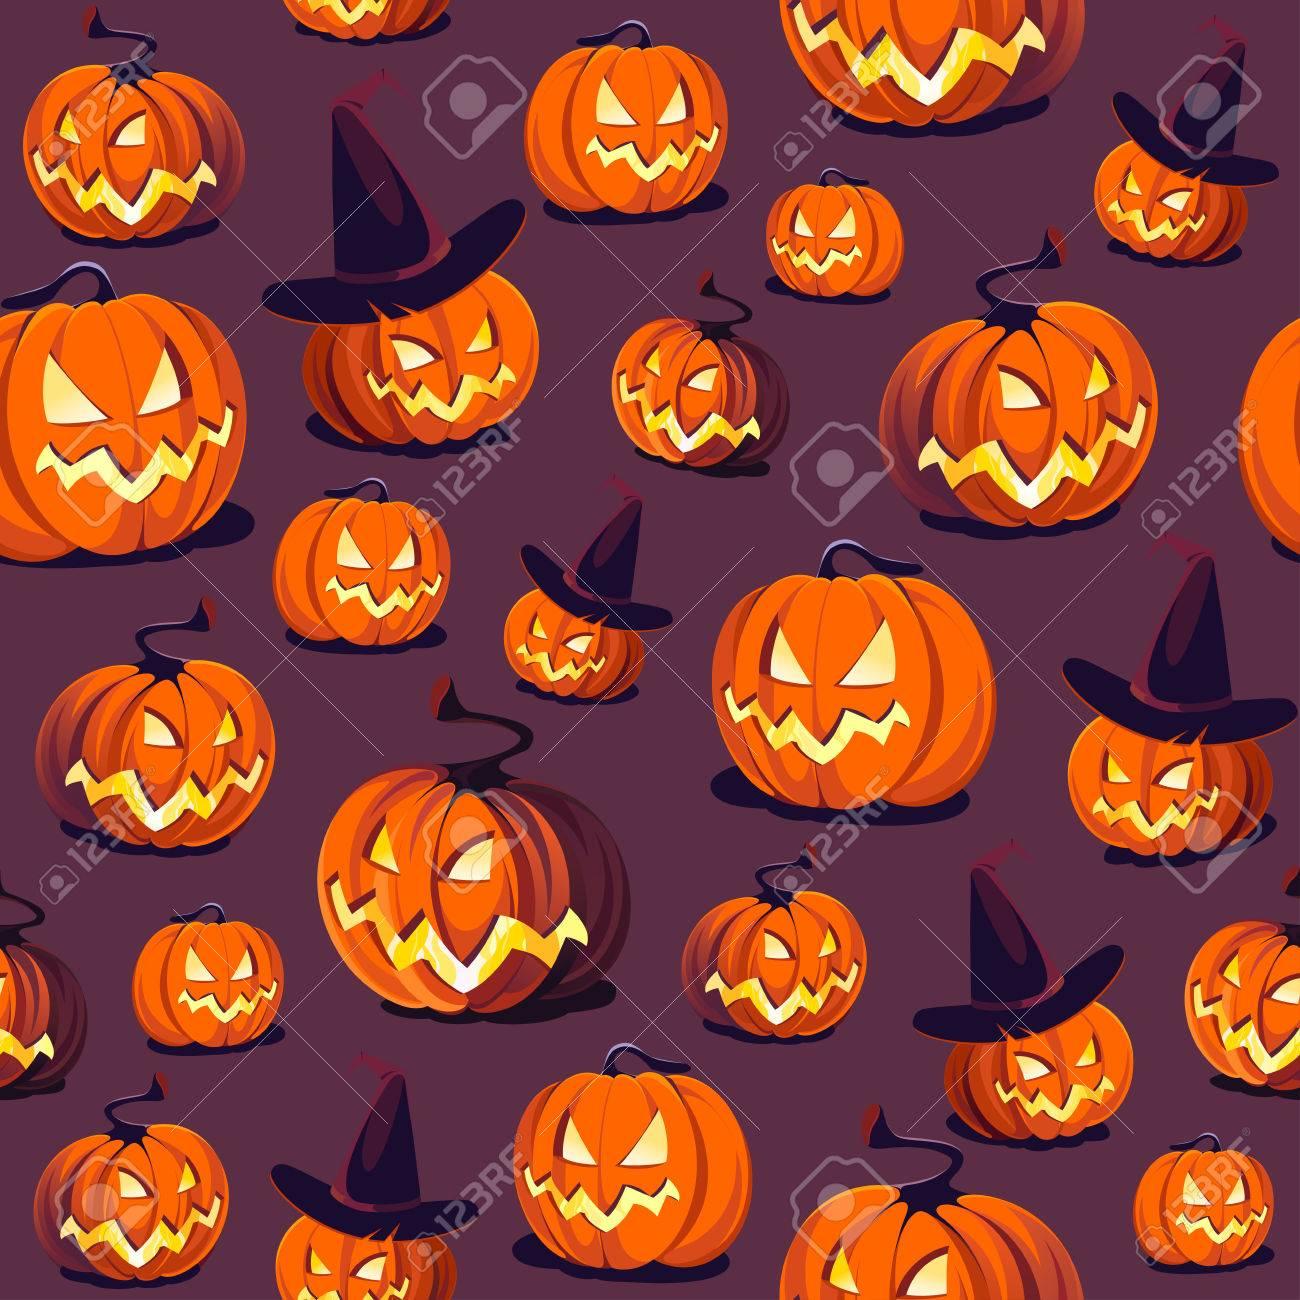 Halloween Pattern With Pumpkins On Dark Background